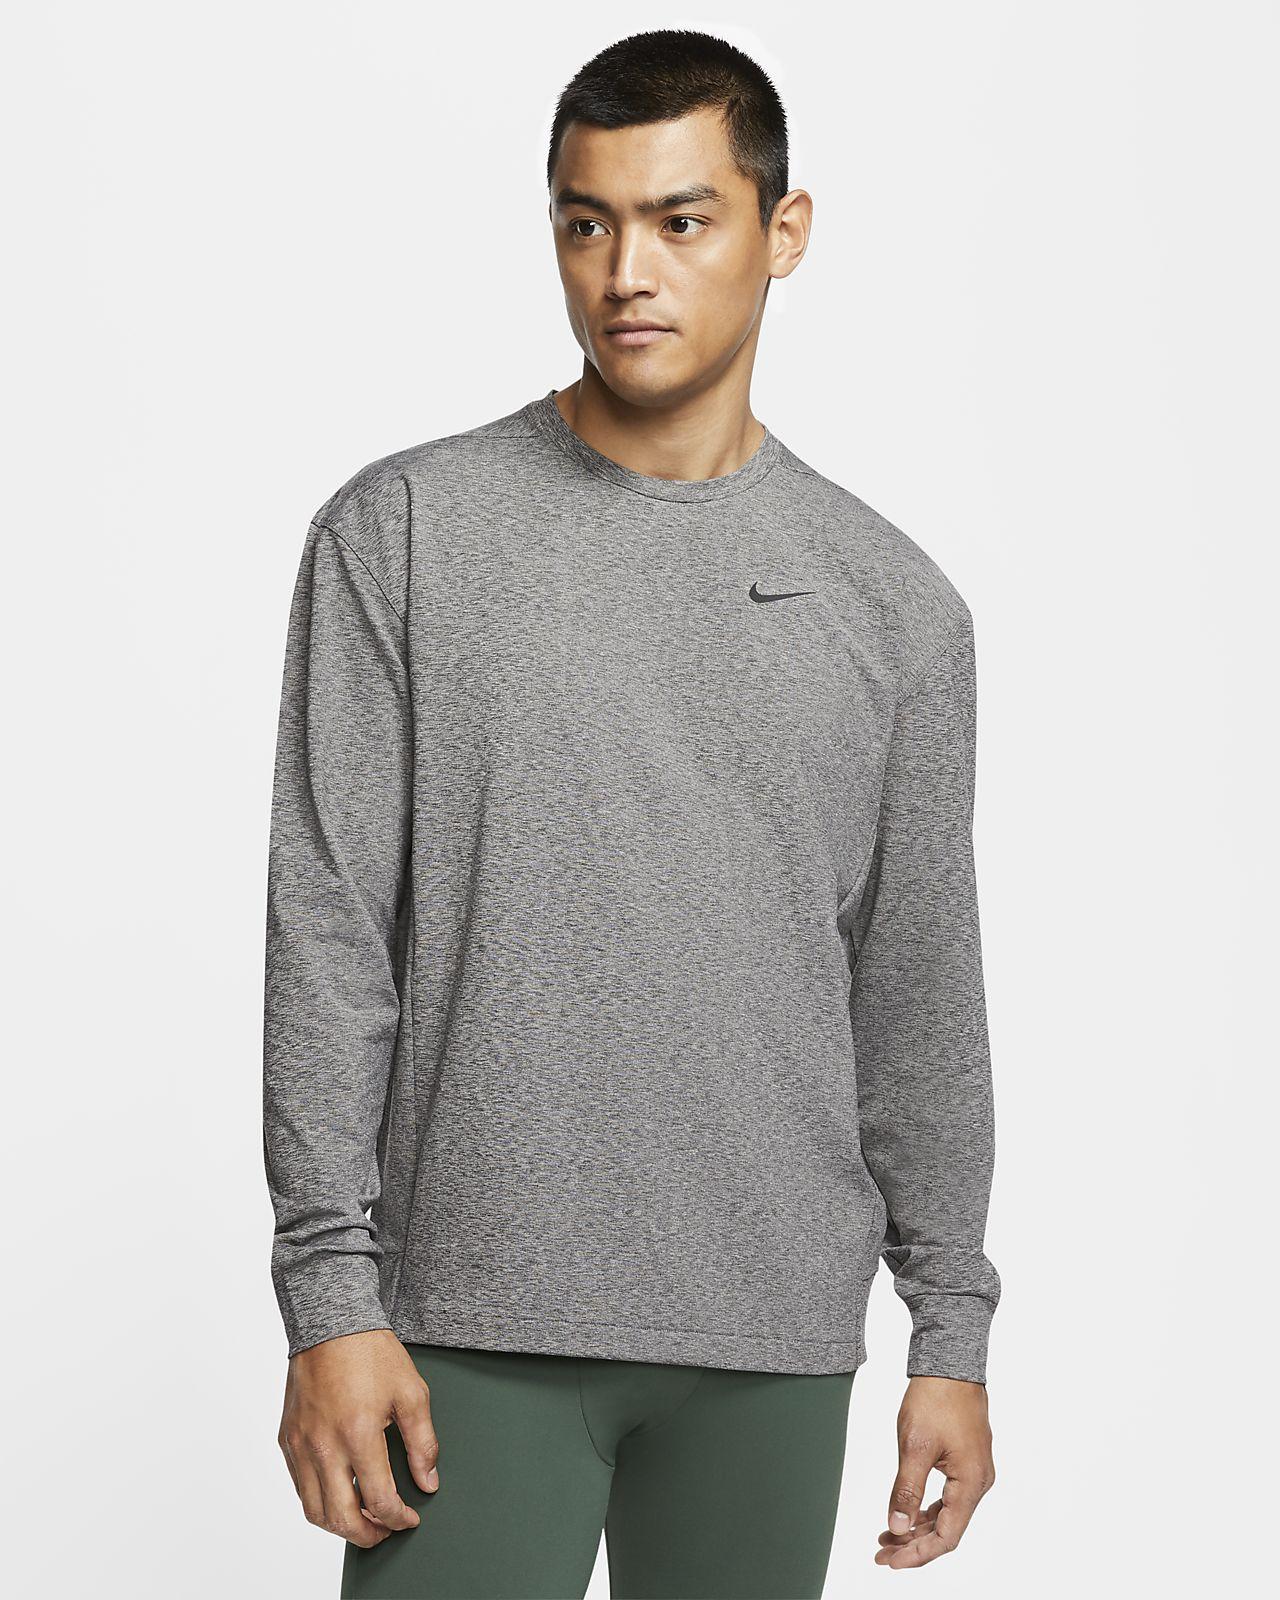 Nike Yoga Dri FIT langermet overdel til herre